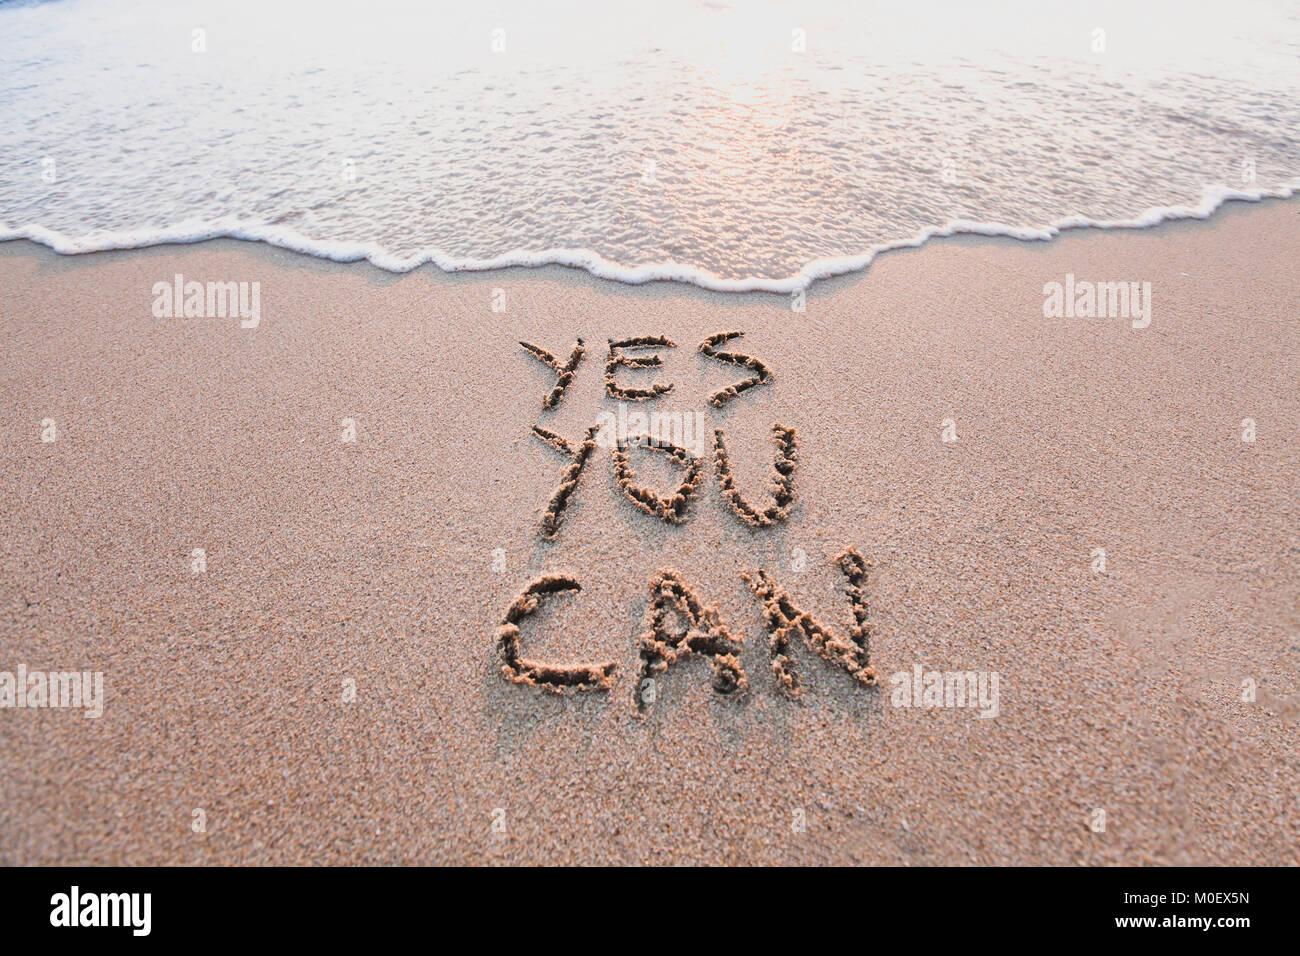 Sí se puede, de motivación concepto inspirador mensaje escrito en la arena de playa. Imagen De Stock